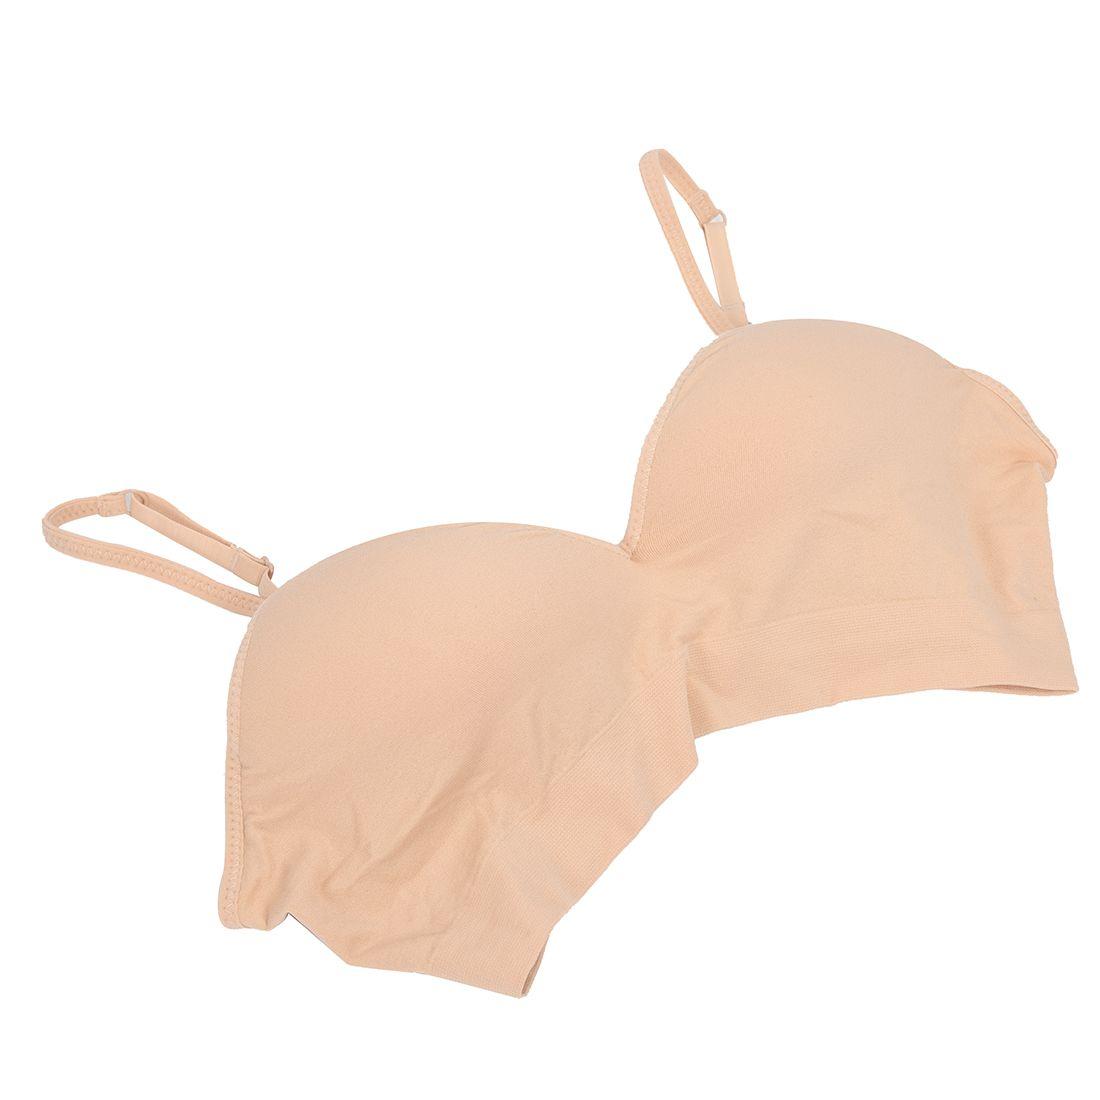 MELBA: Sexy nude color bras